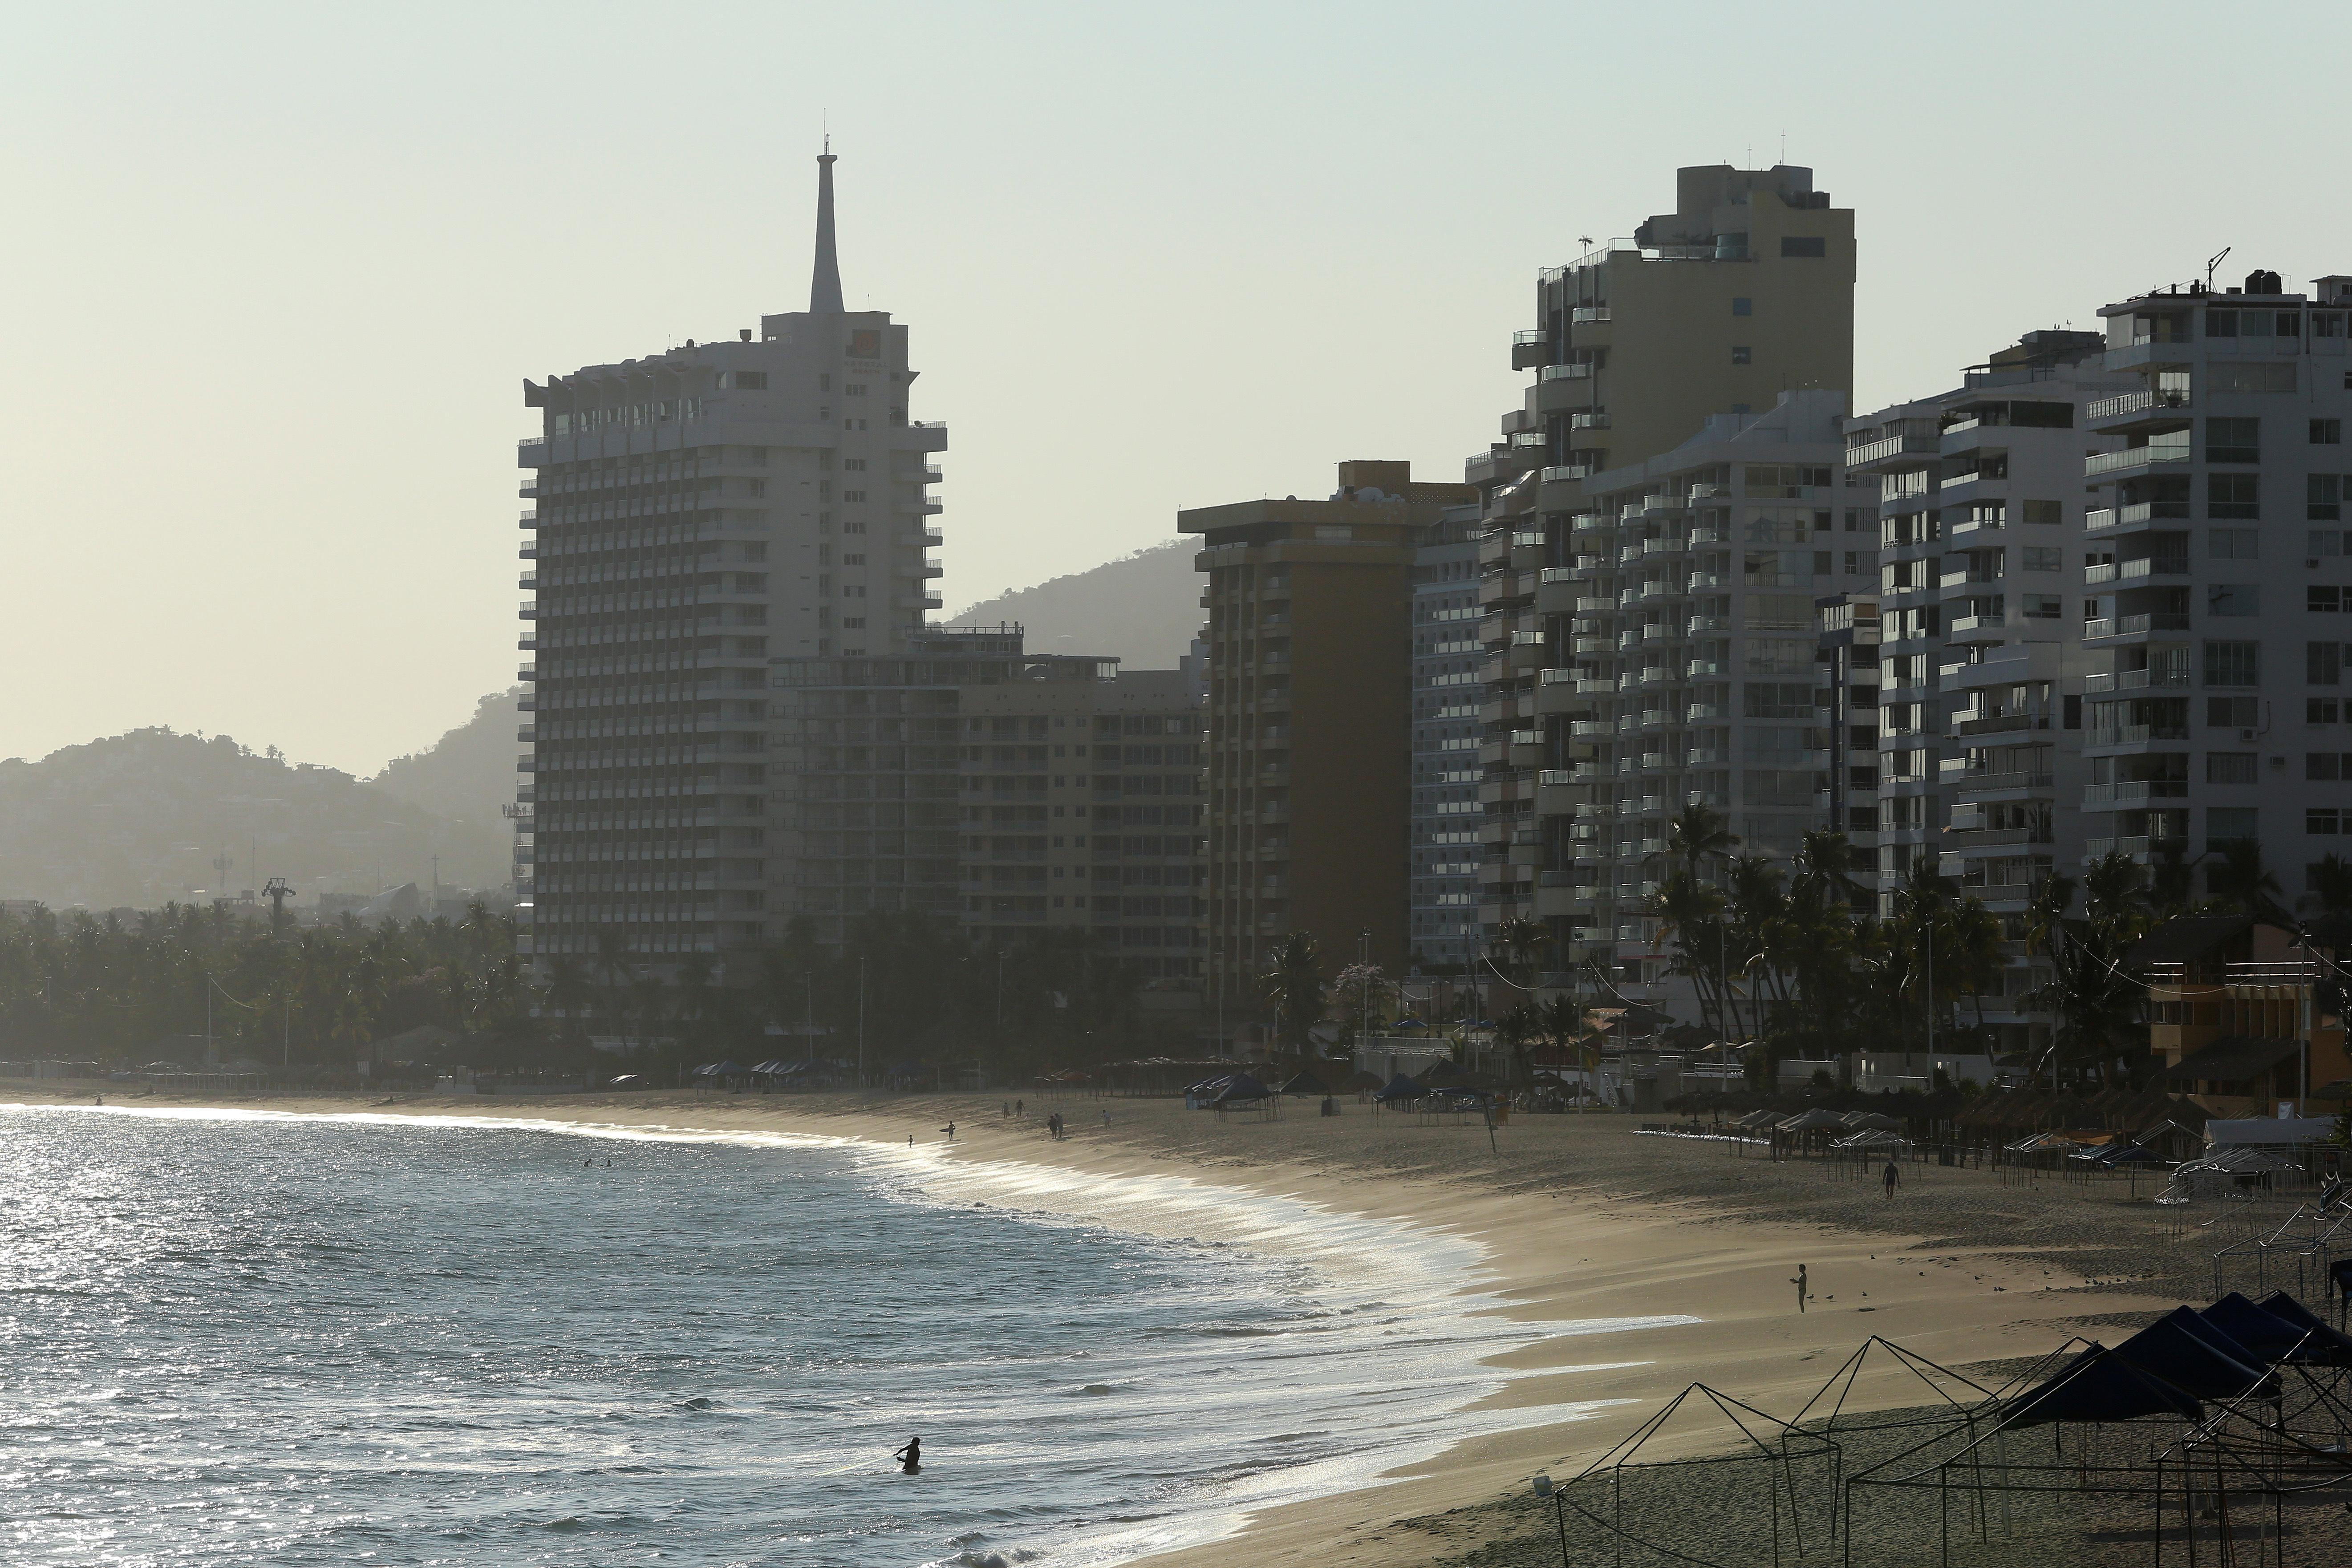 Acapulco, Mexico, increíblemente sin turistas ni prácticamente personas (REUTERS/Javier Verdin)